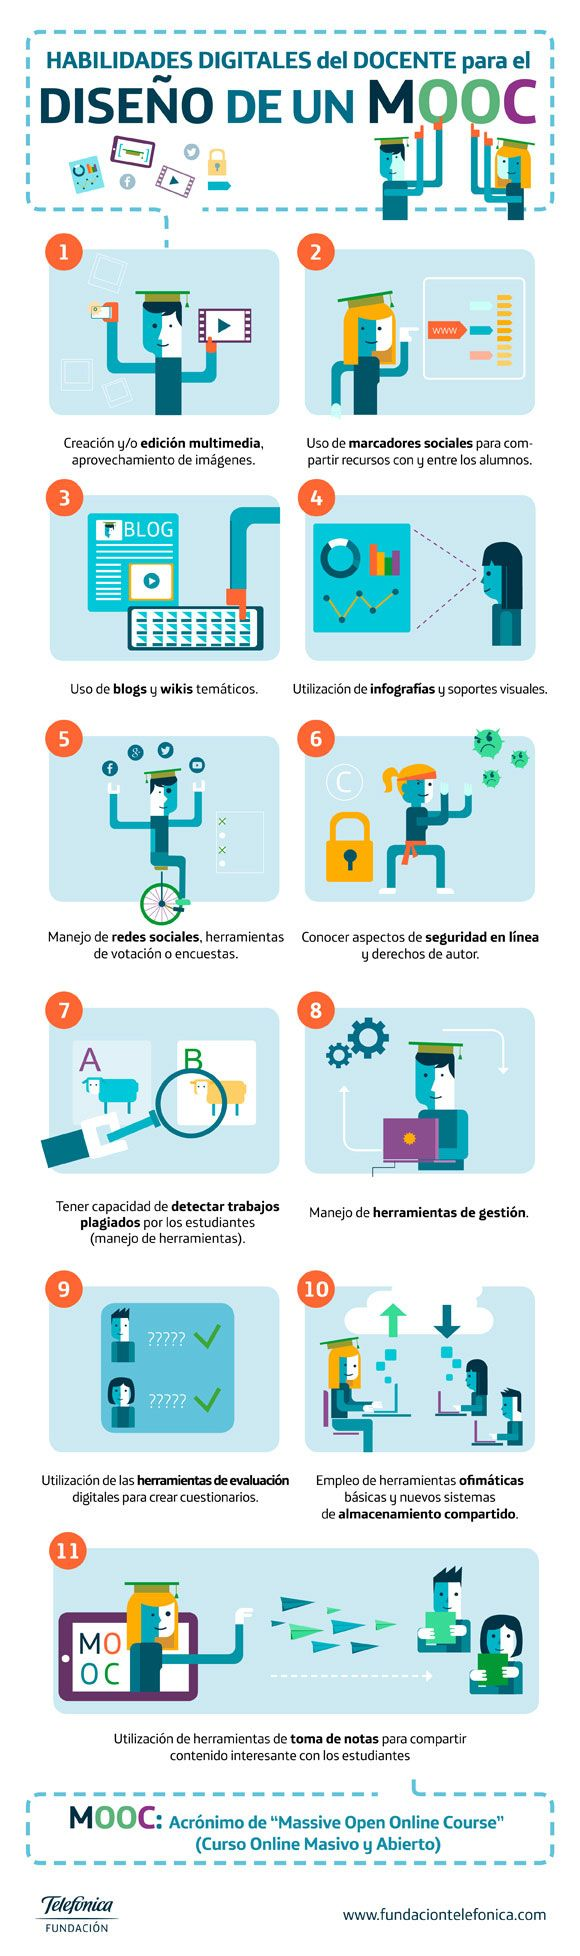 mooc infografia educacion  Las competencias digitales del docente para diseño de MOOC